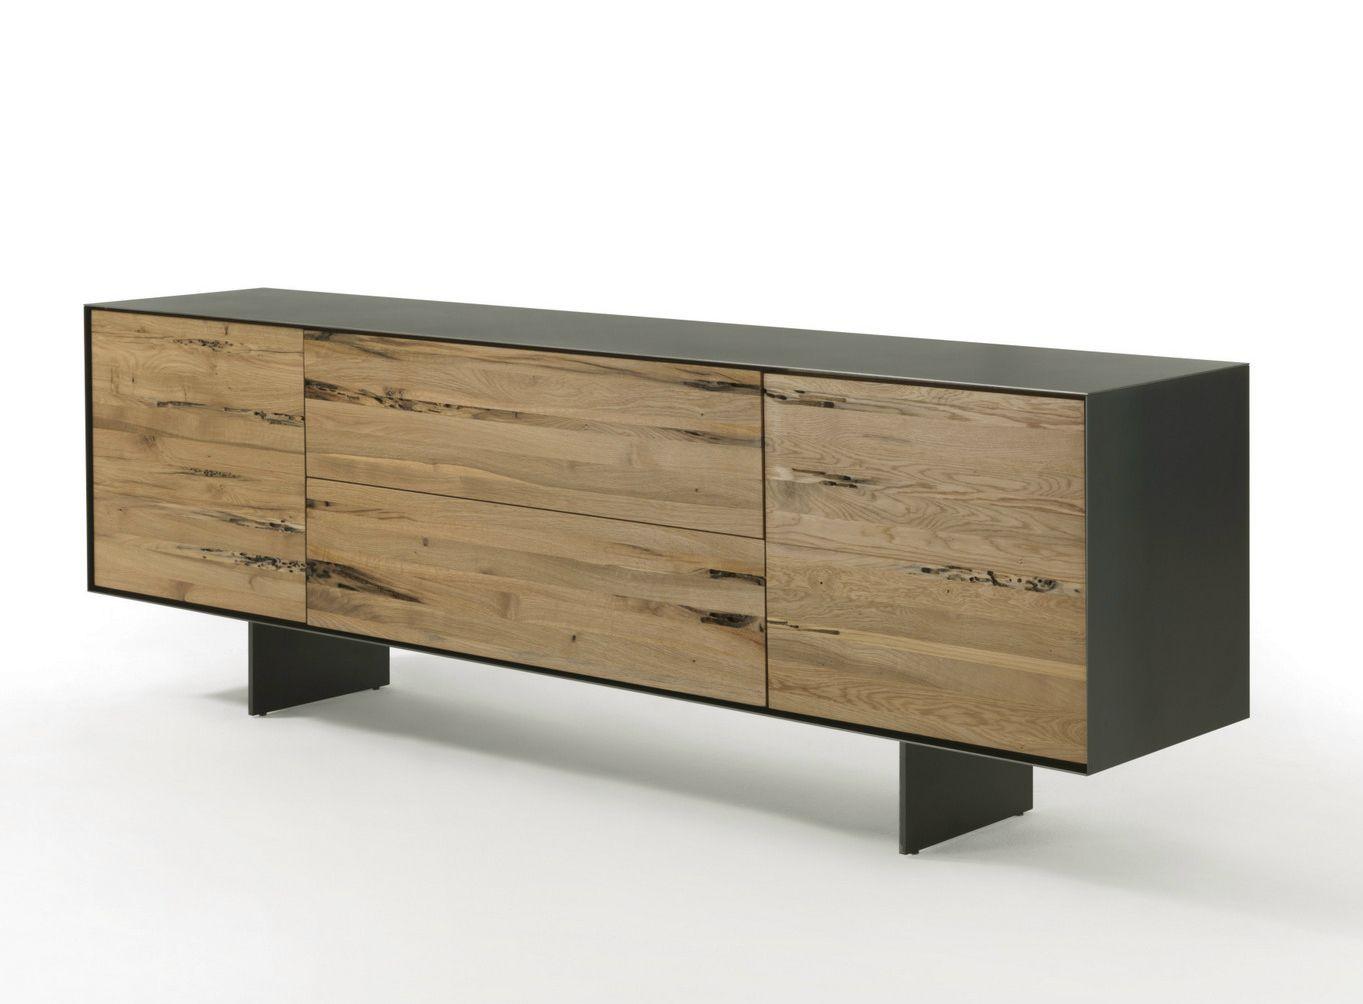 Briccola Wood Sideboard With Drawers Rialto Fly By Riva 1920 Design Giuliano Cappelletti S Izobrazheniyami Ulichnaya Mebel Iz Poddonov